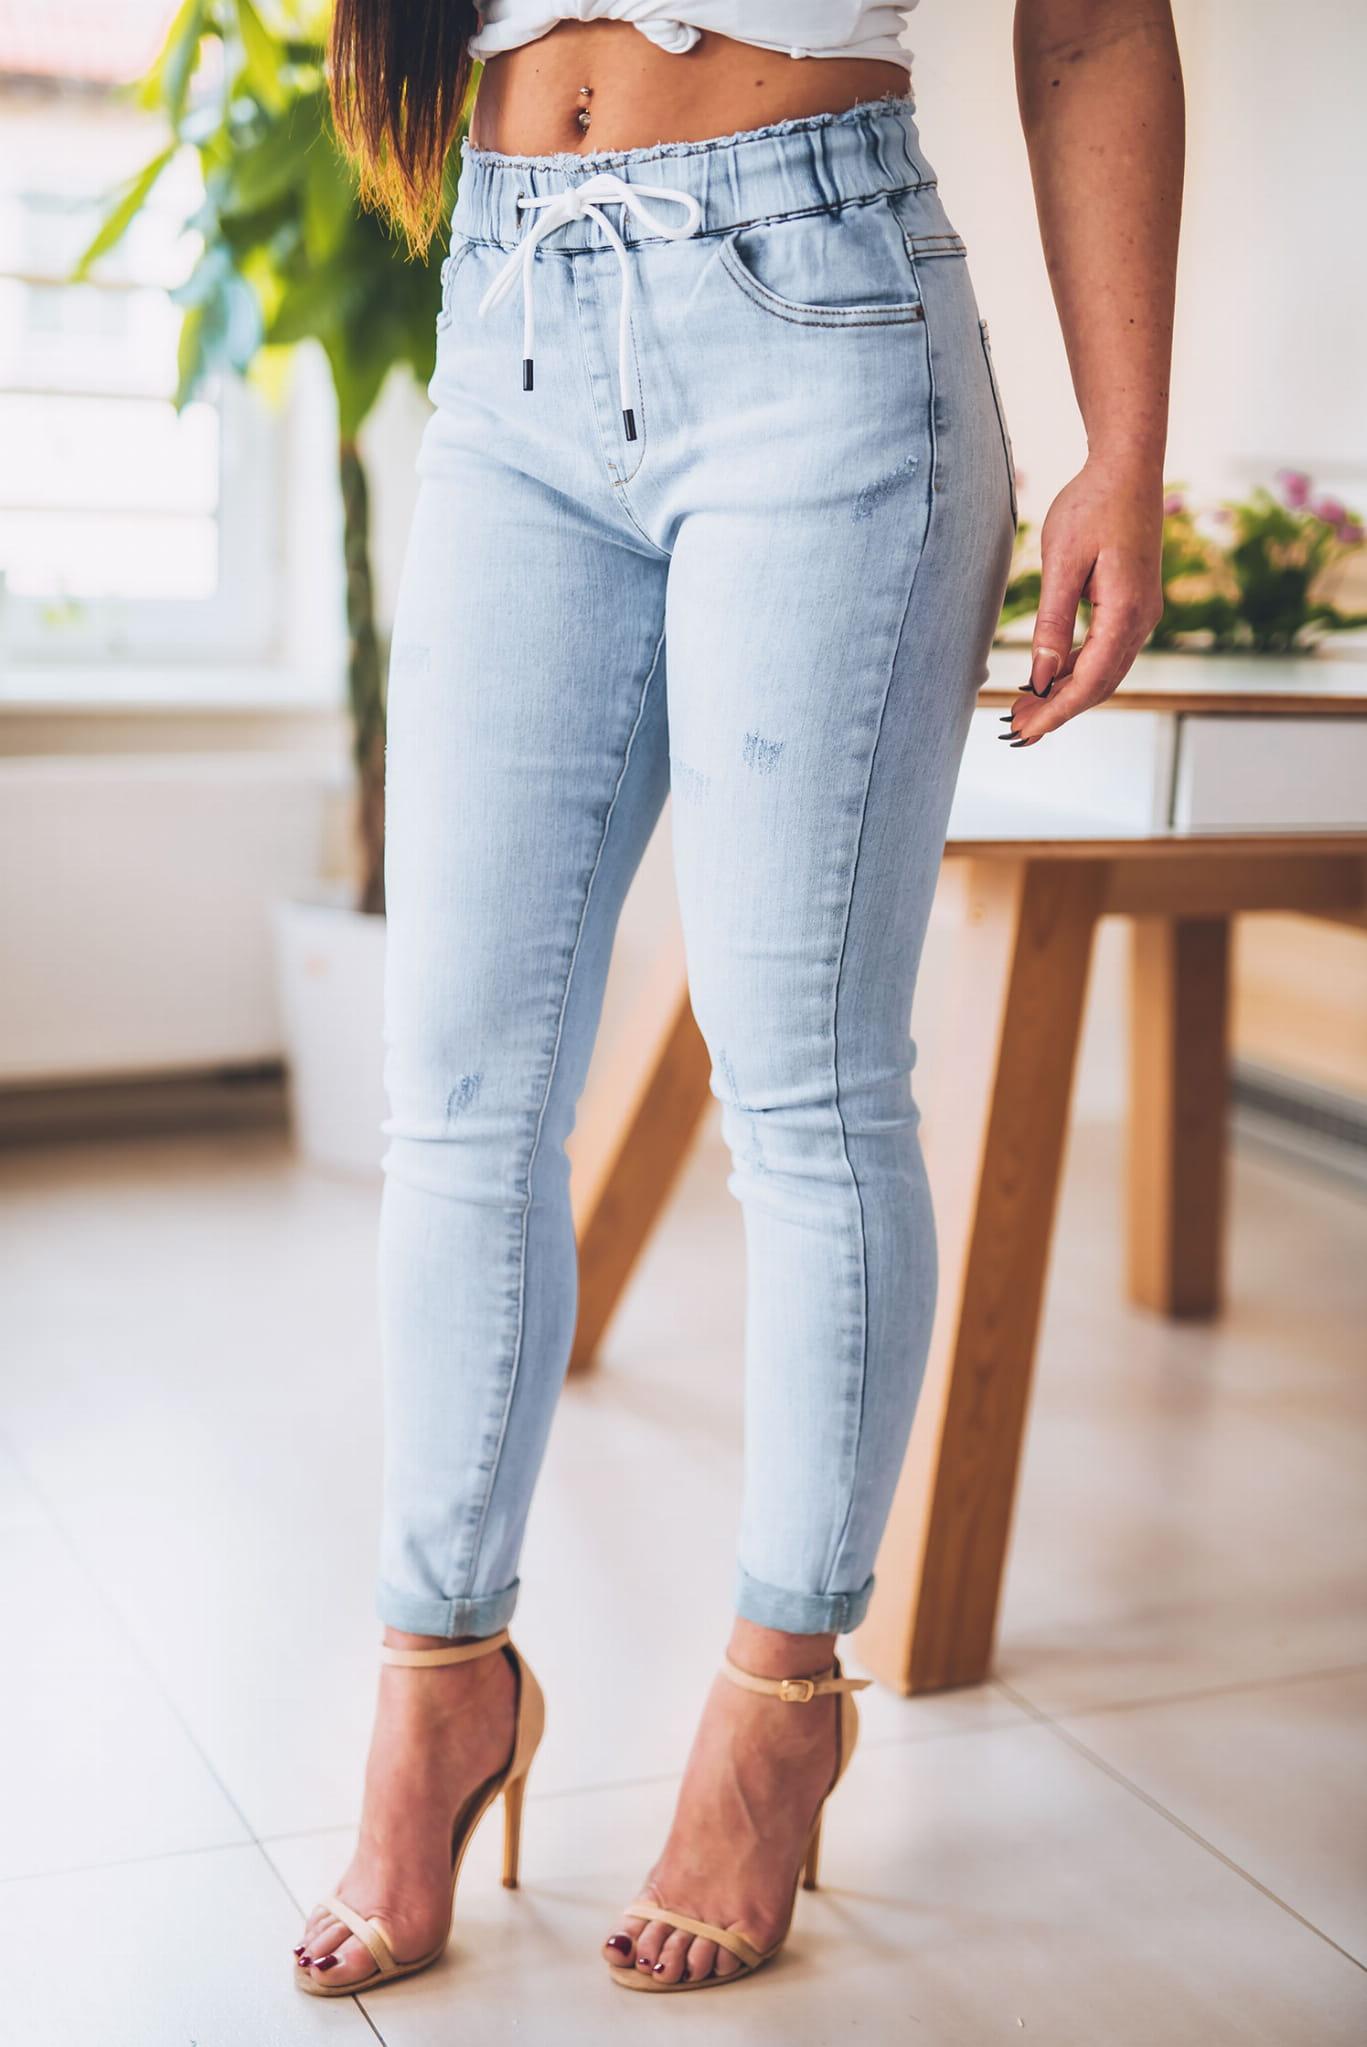 Z265 Jasne dżinsowe spodnie damskie z elastyczną gumą rozmiar xs s m l xl